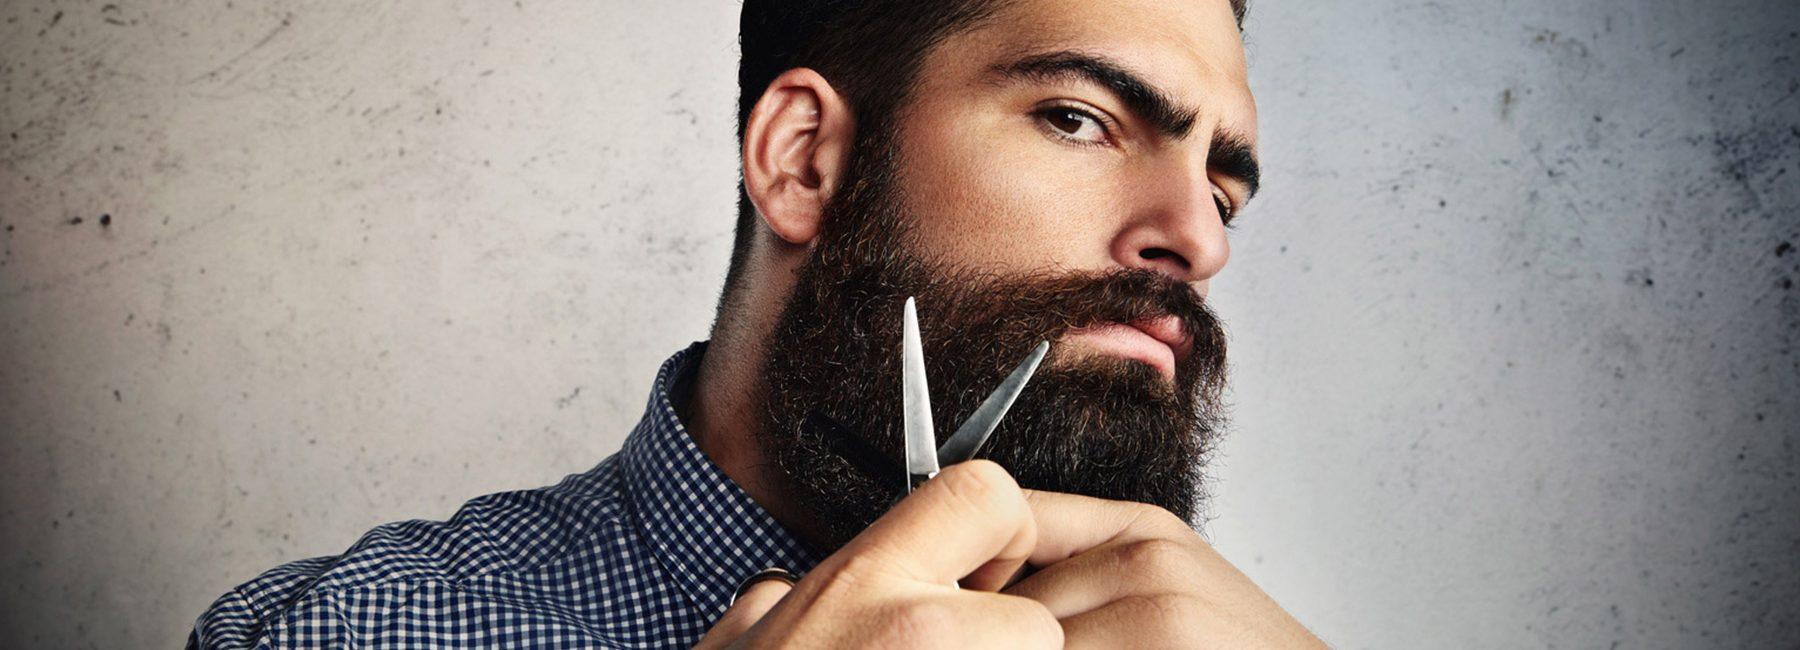 barbe forme et visage the new men in the city. Black Bedroom Furniture Sets. Home Design Ideas